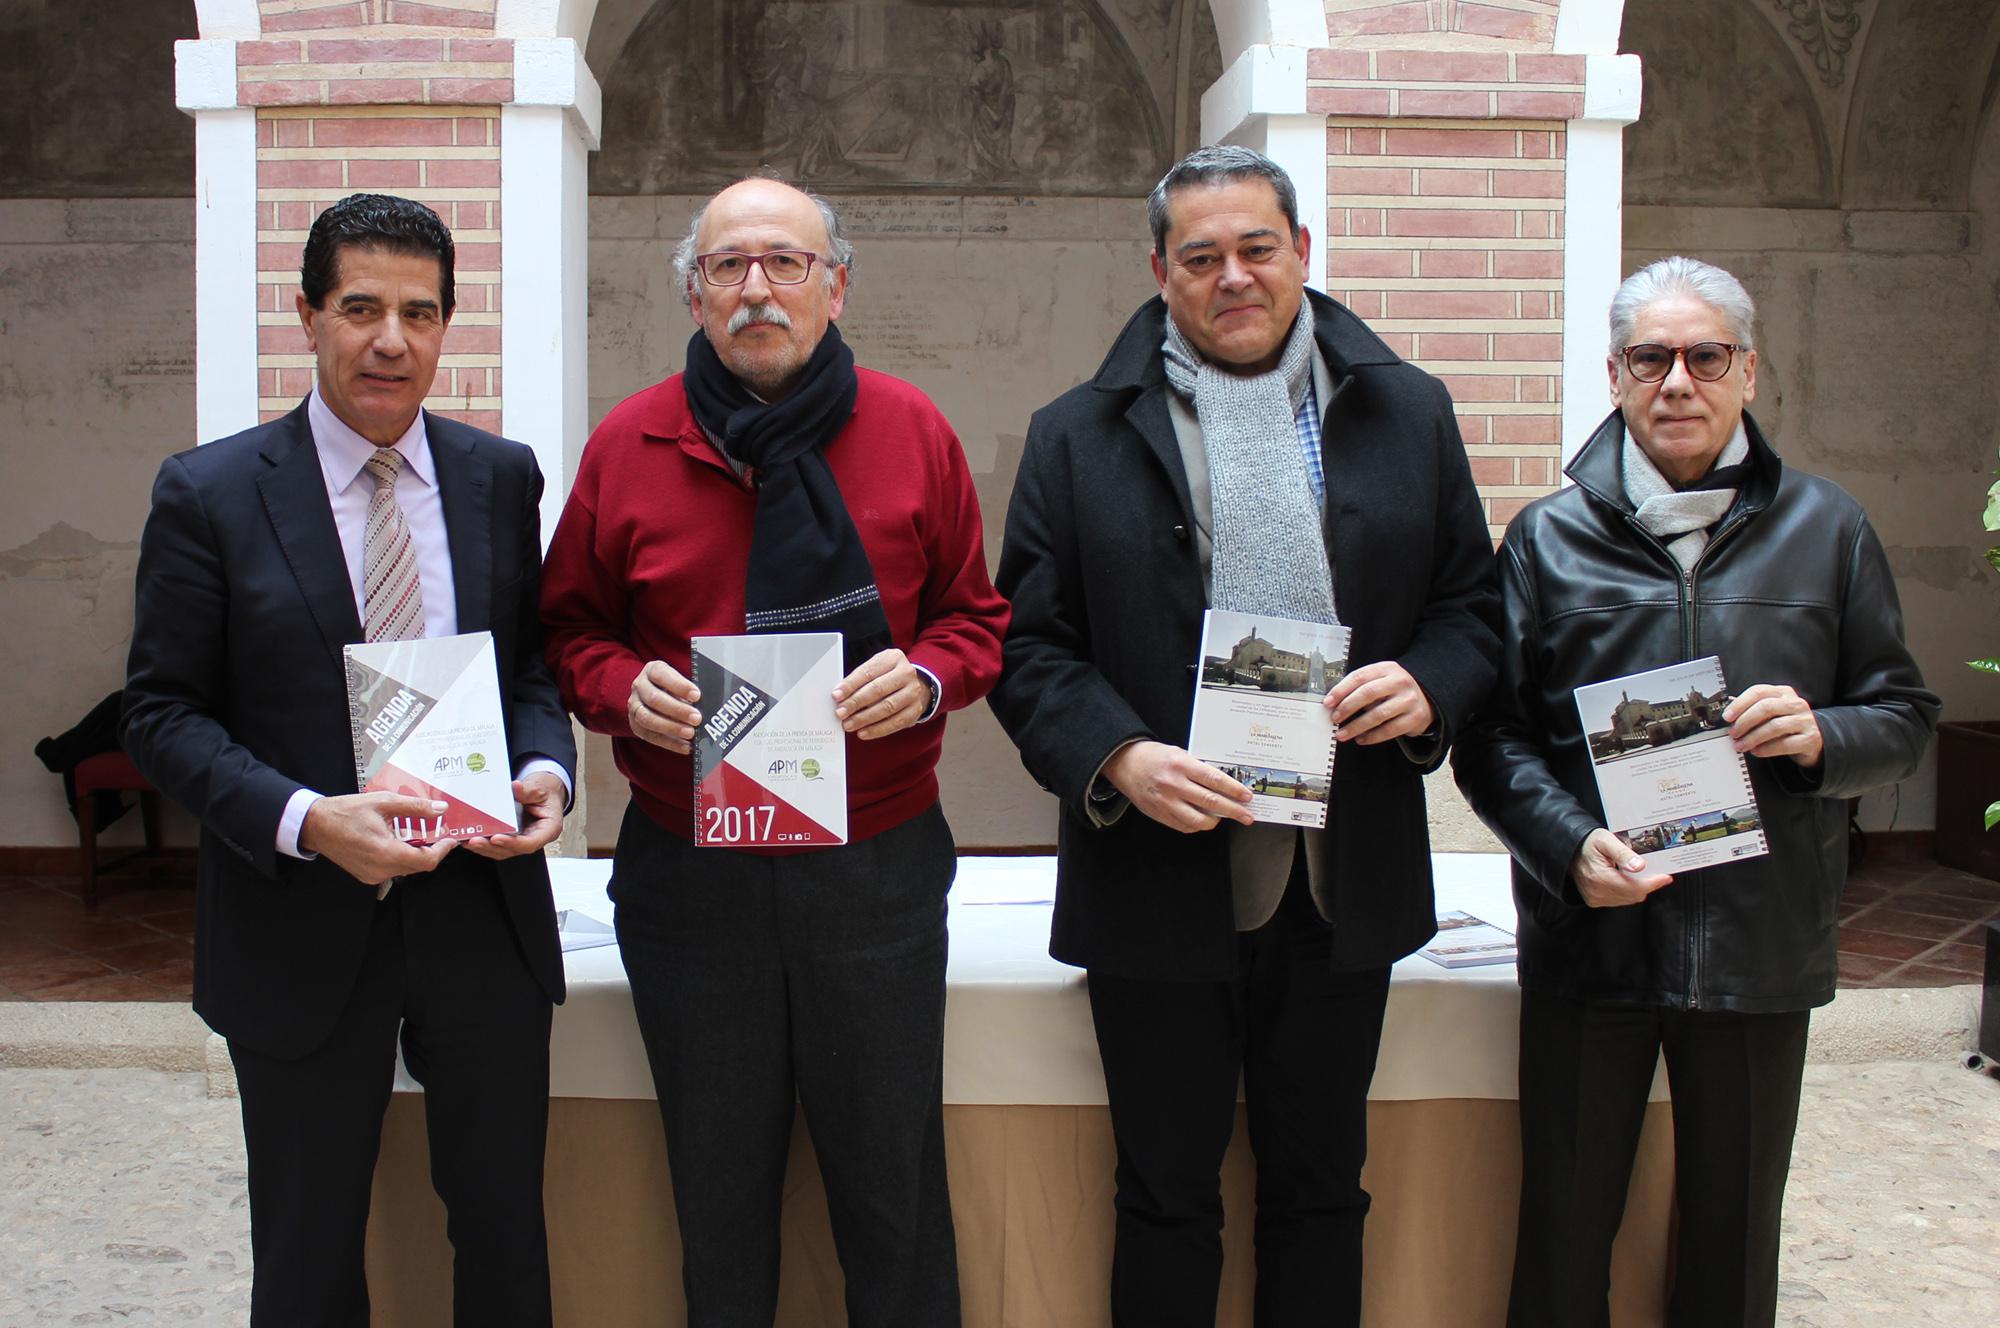 presentación-Agenda-de-la-Comunicación-de-Málaga-Ramón-Jiménez-y-directiva-Asociación-Prensa-Málaga